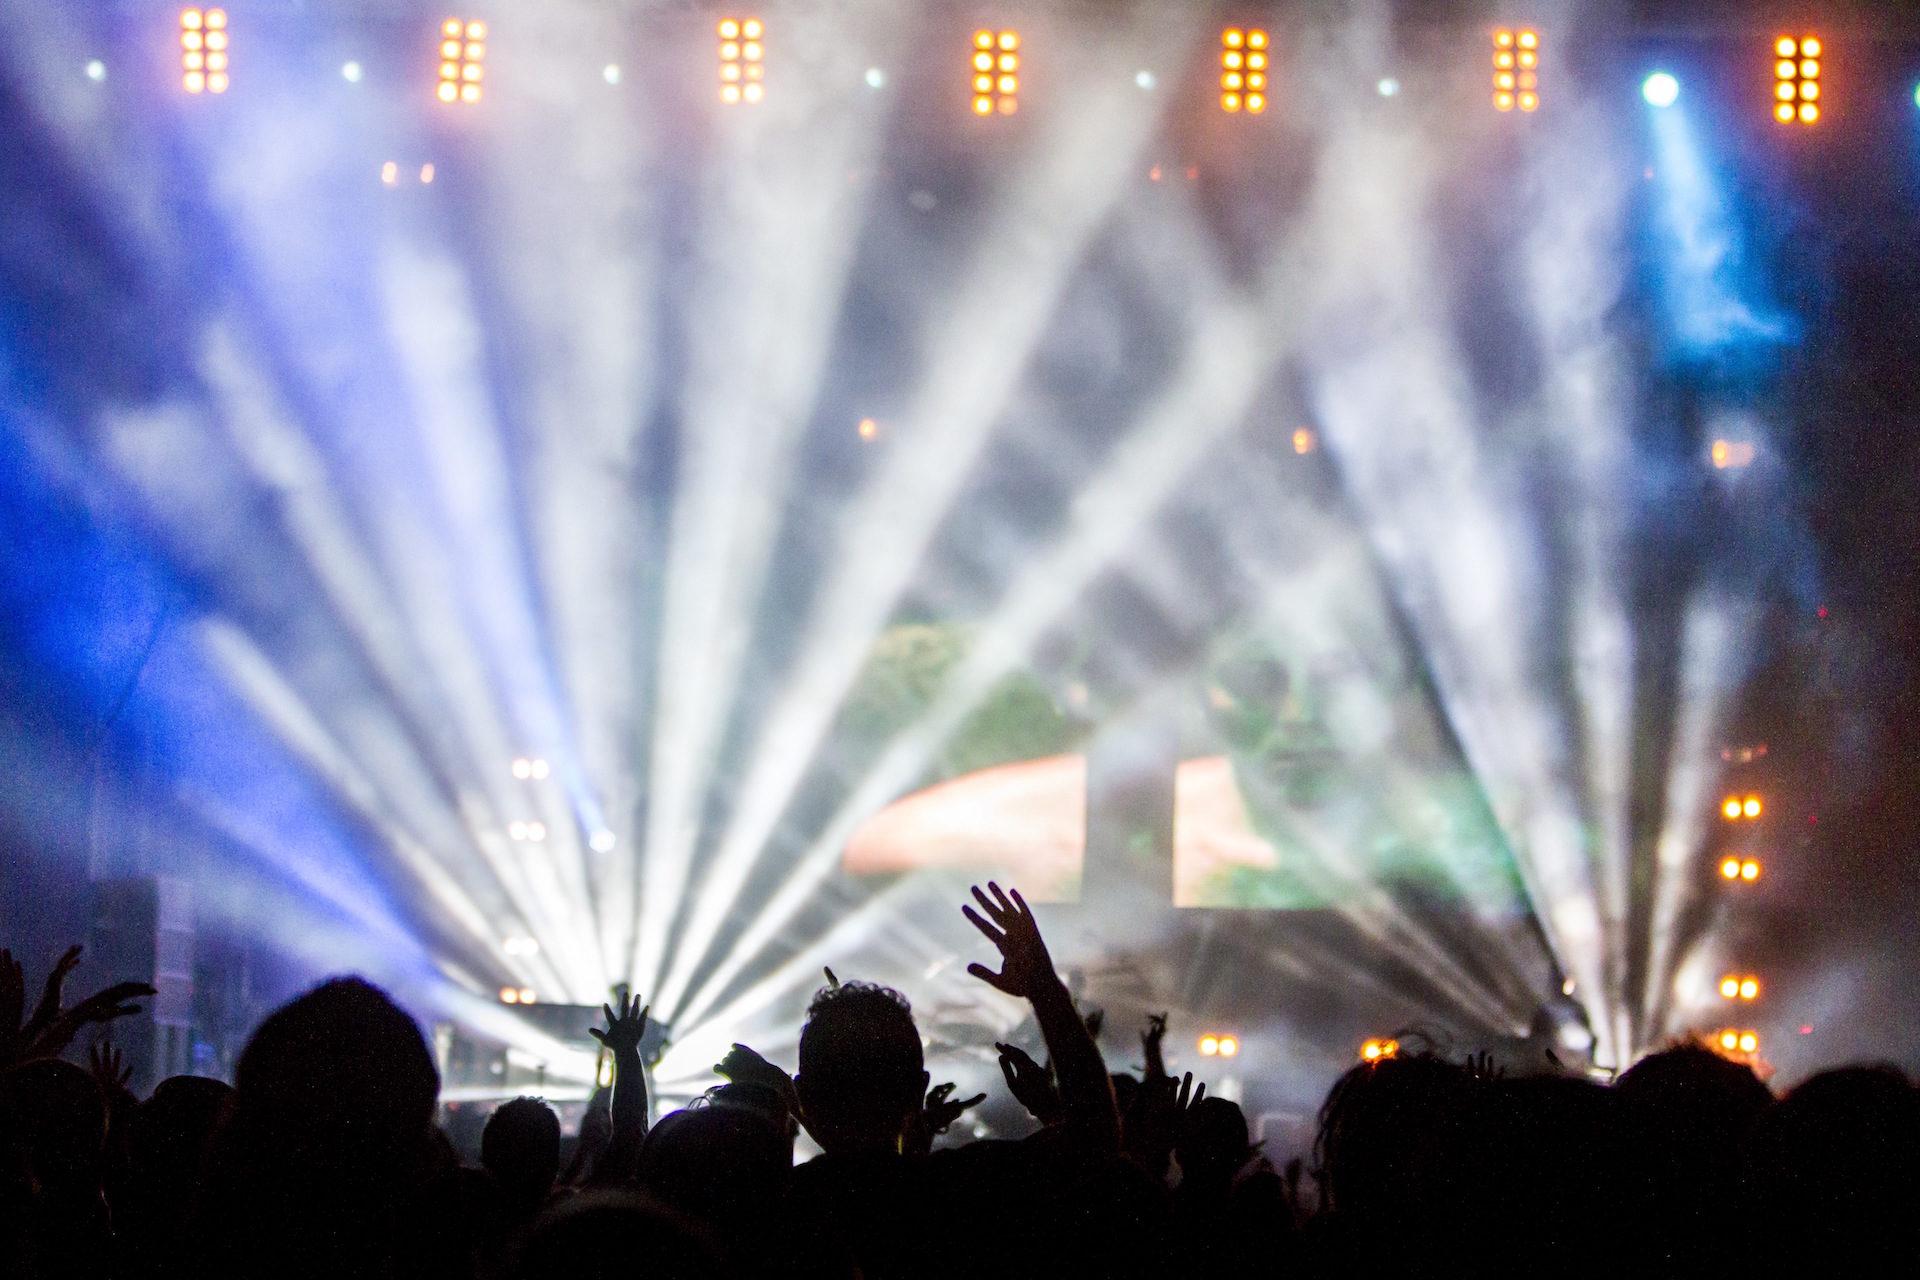 حفلة, أضواء, مراوح, الشعب, متعة - خلفيات عالية الدقة - أستاذ falken.com